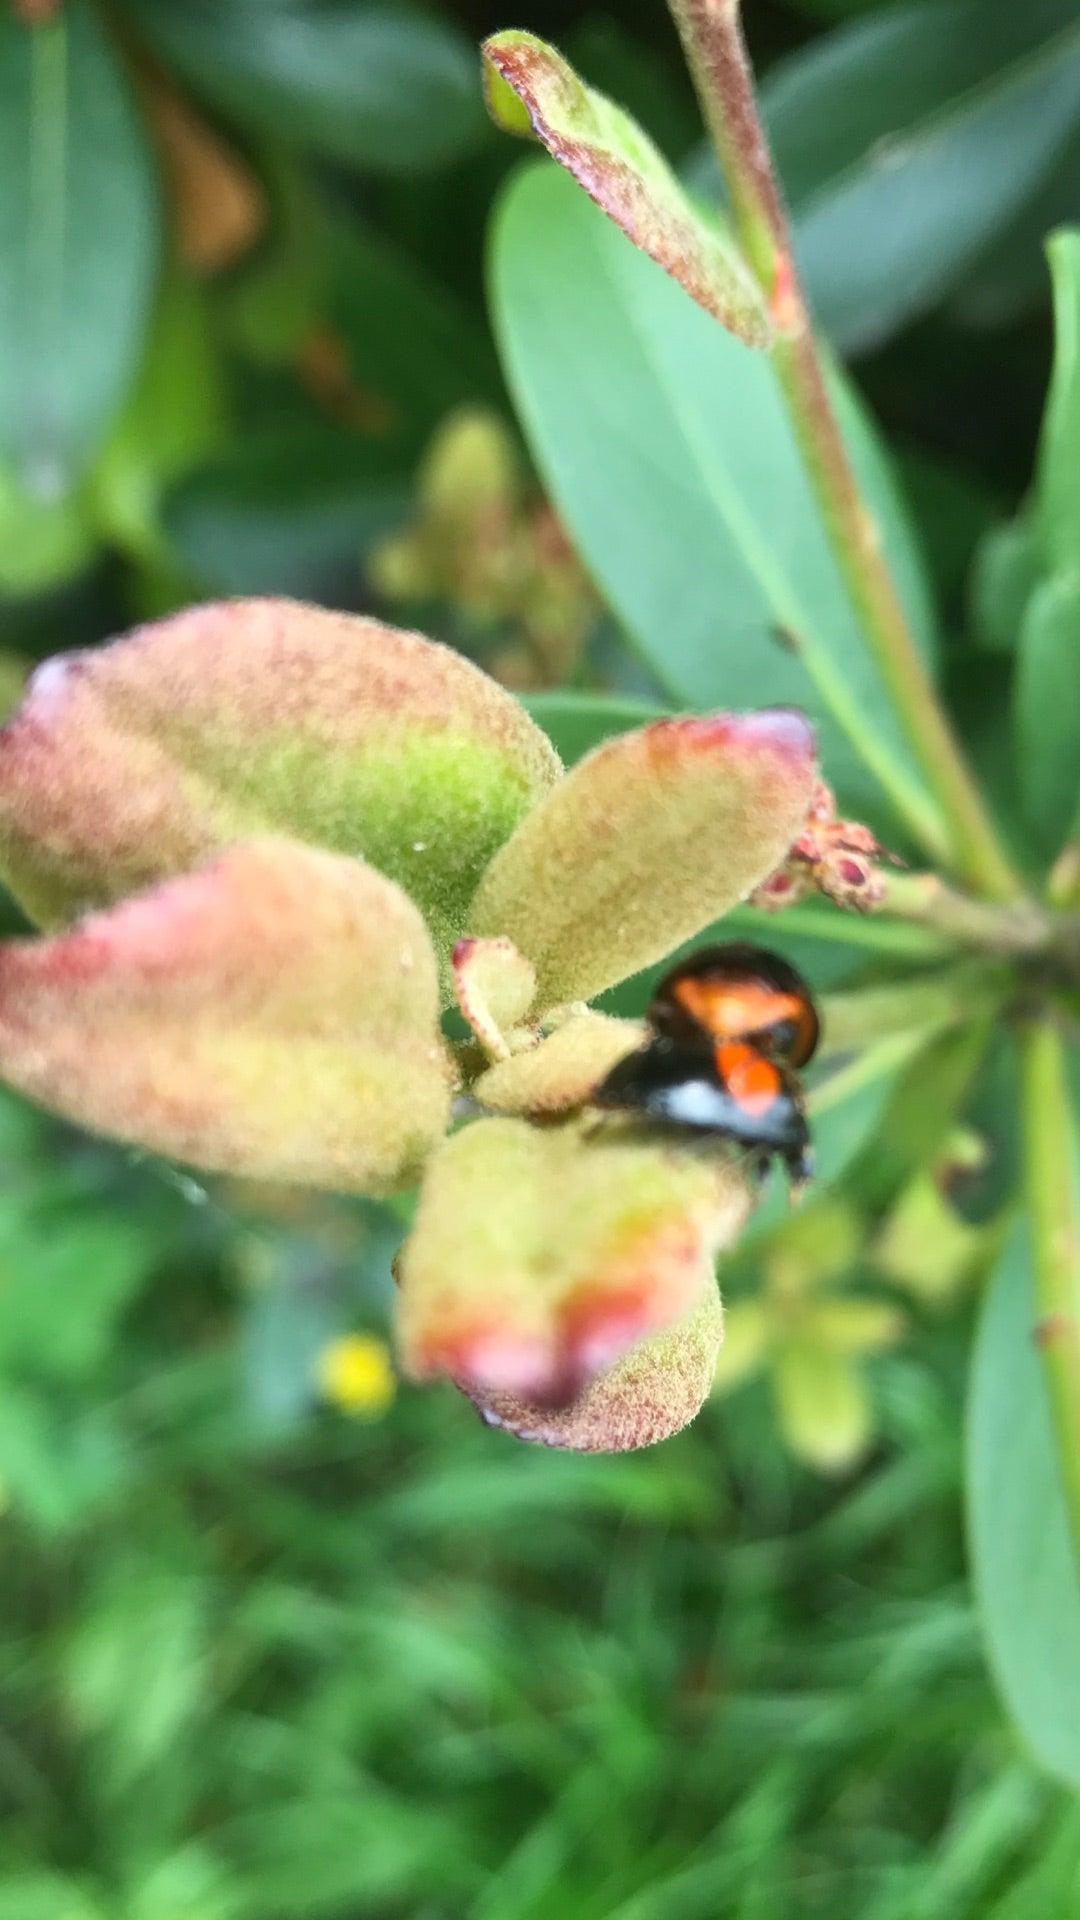 てんとう 虫 寿命 てんとう虫の餌は何?アブラムシ以外食べるものは?成長過程や飼い方...